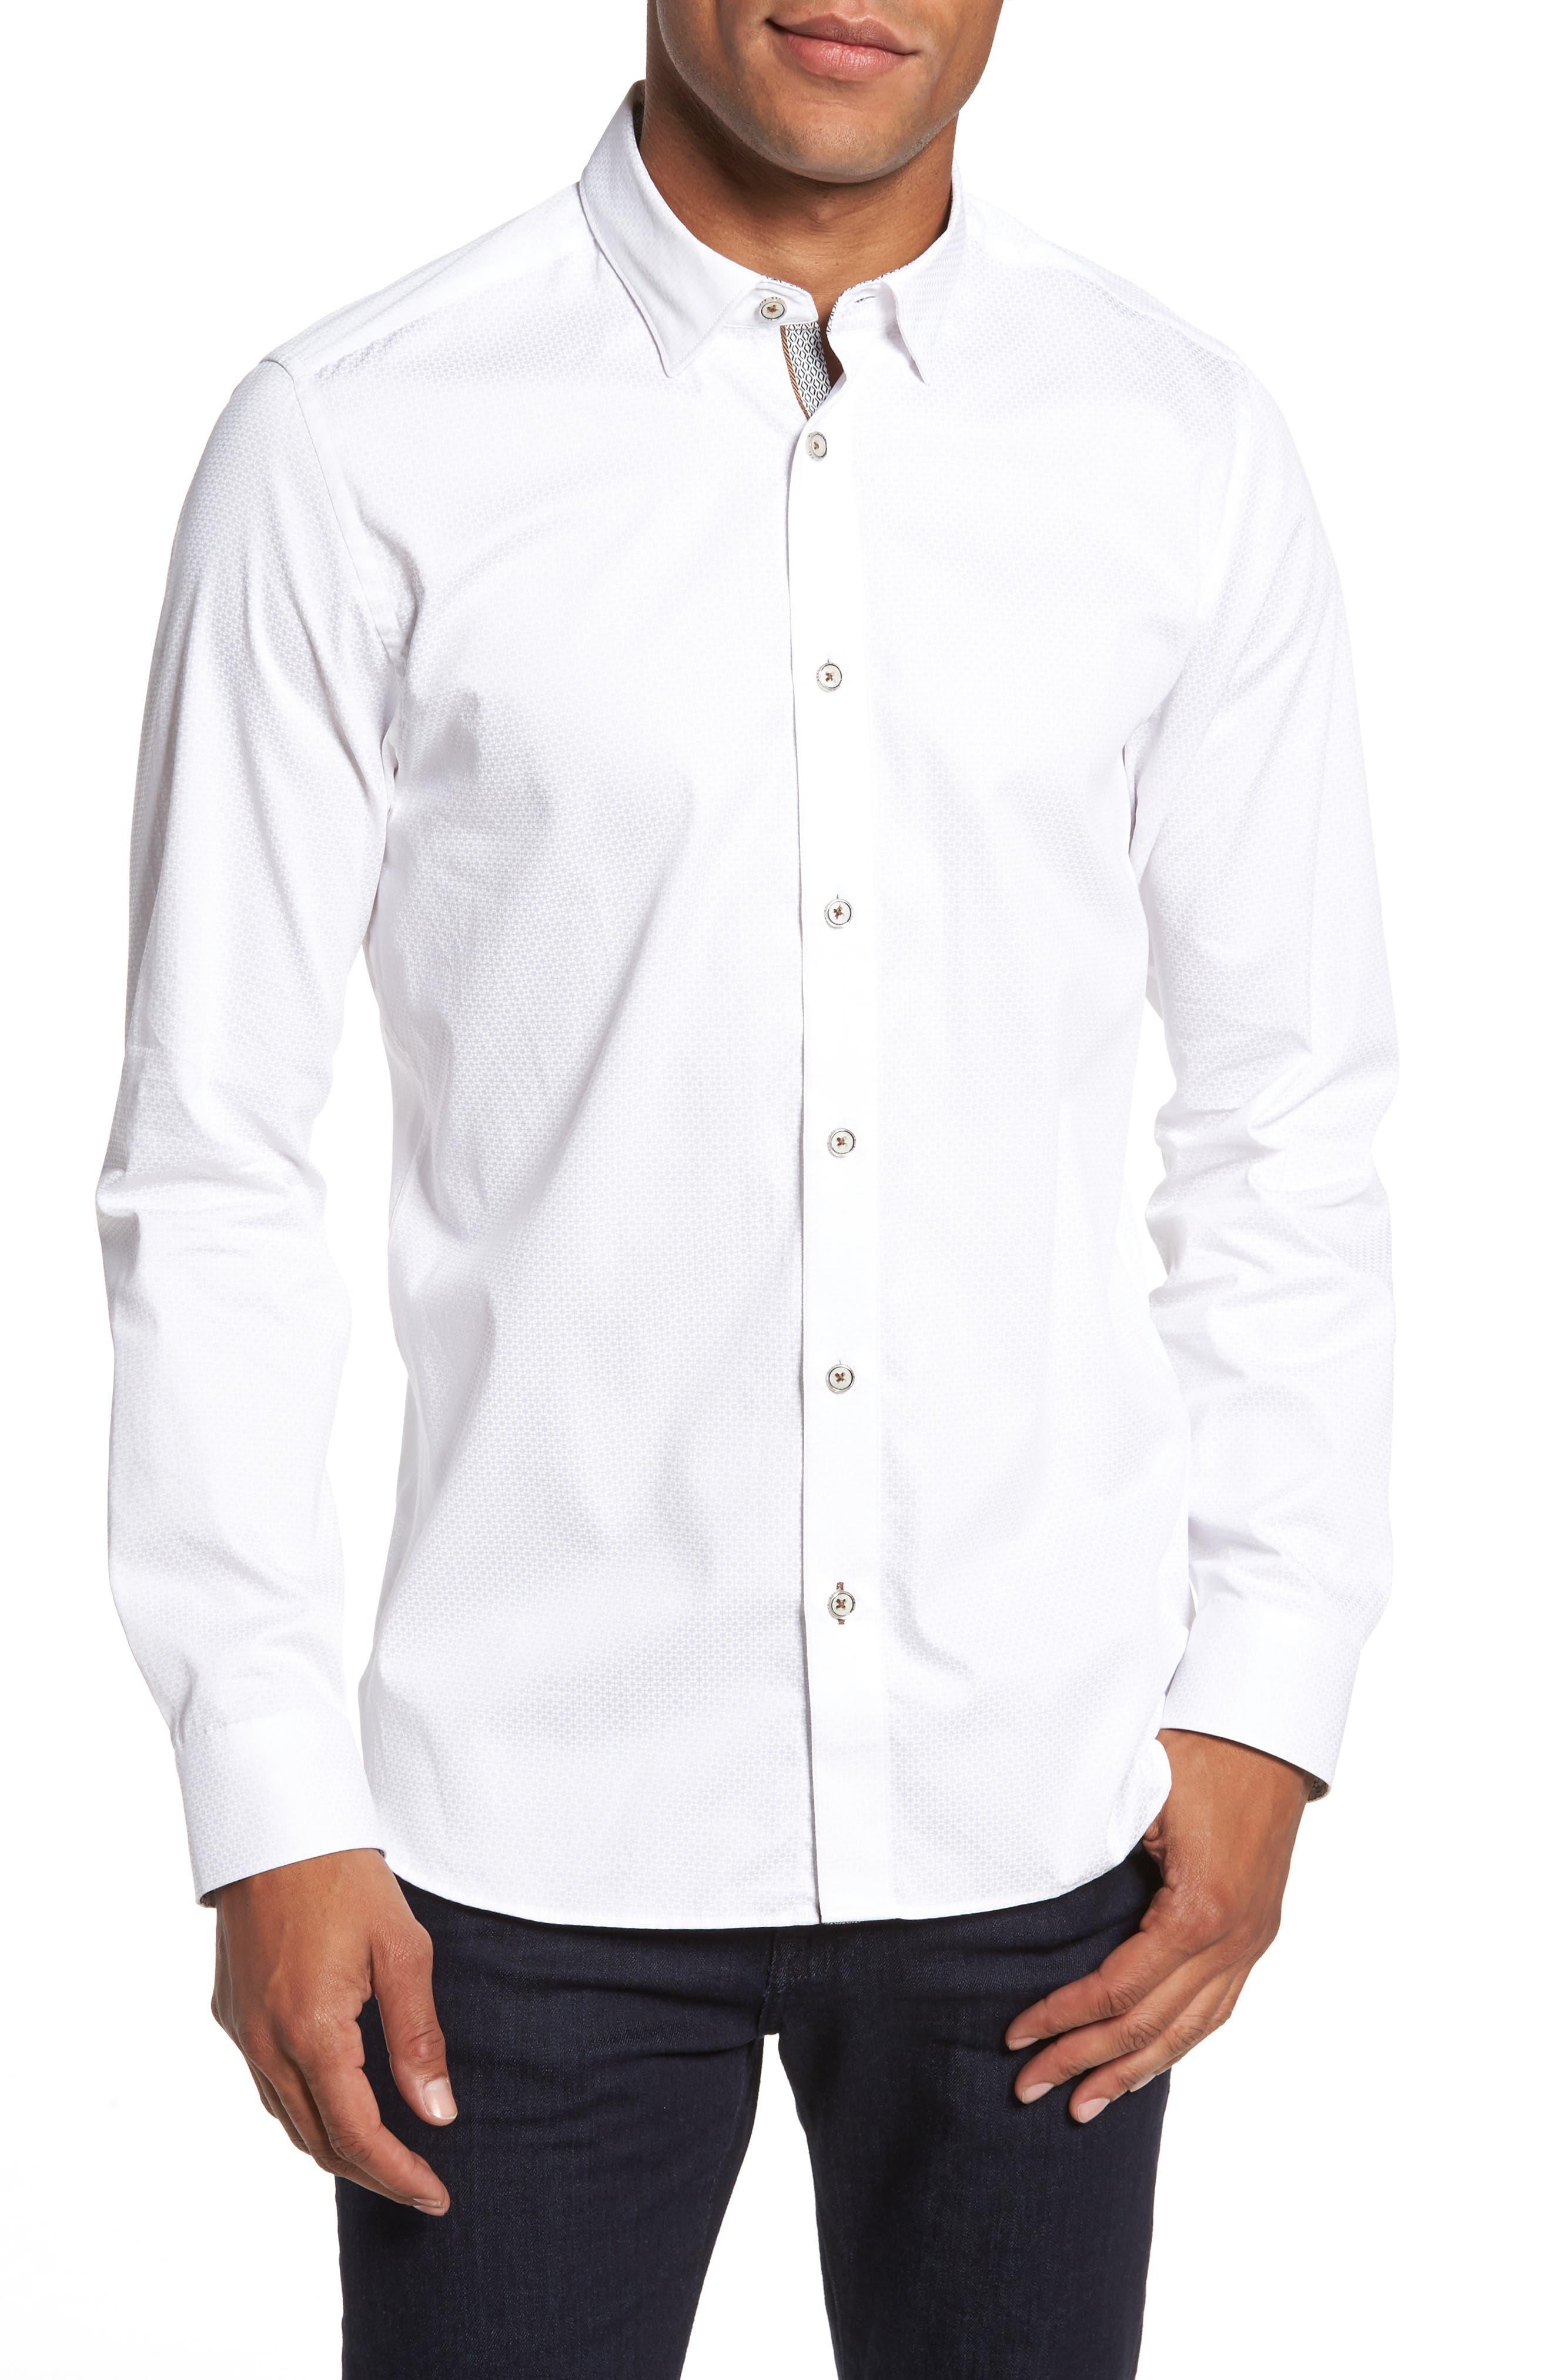 Strazbo Tonal Print Sport Shirt,                         Main,                         color, White